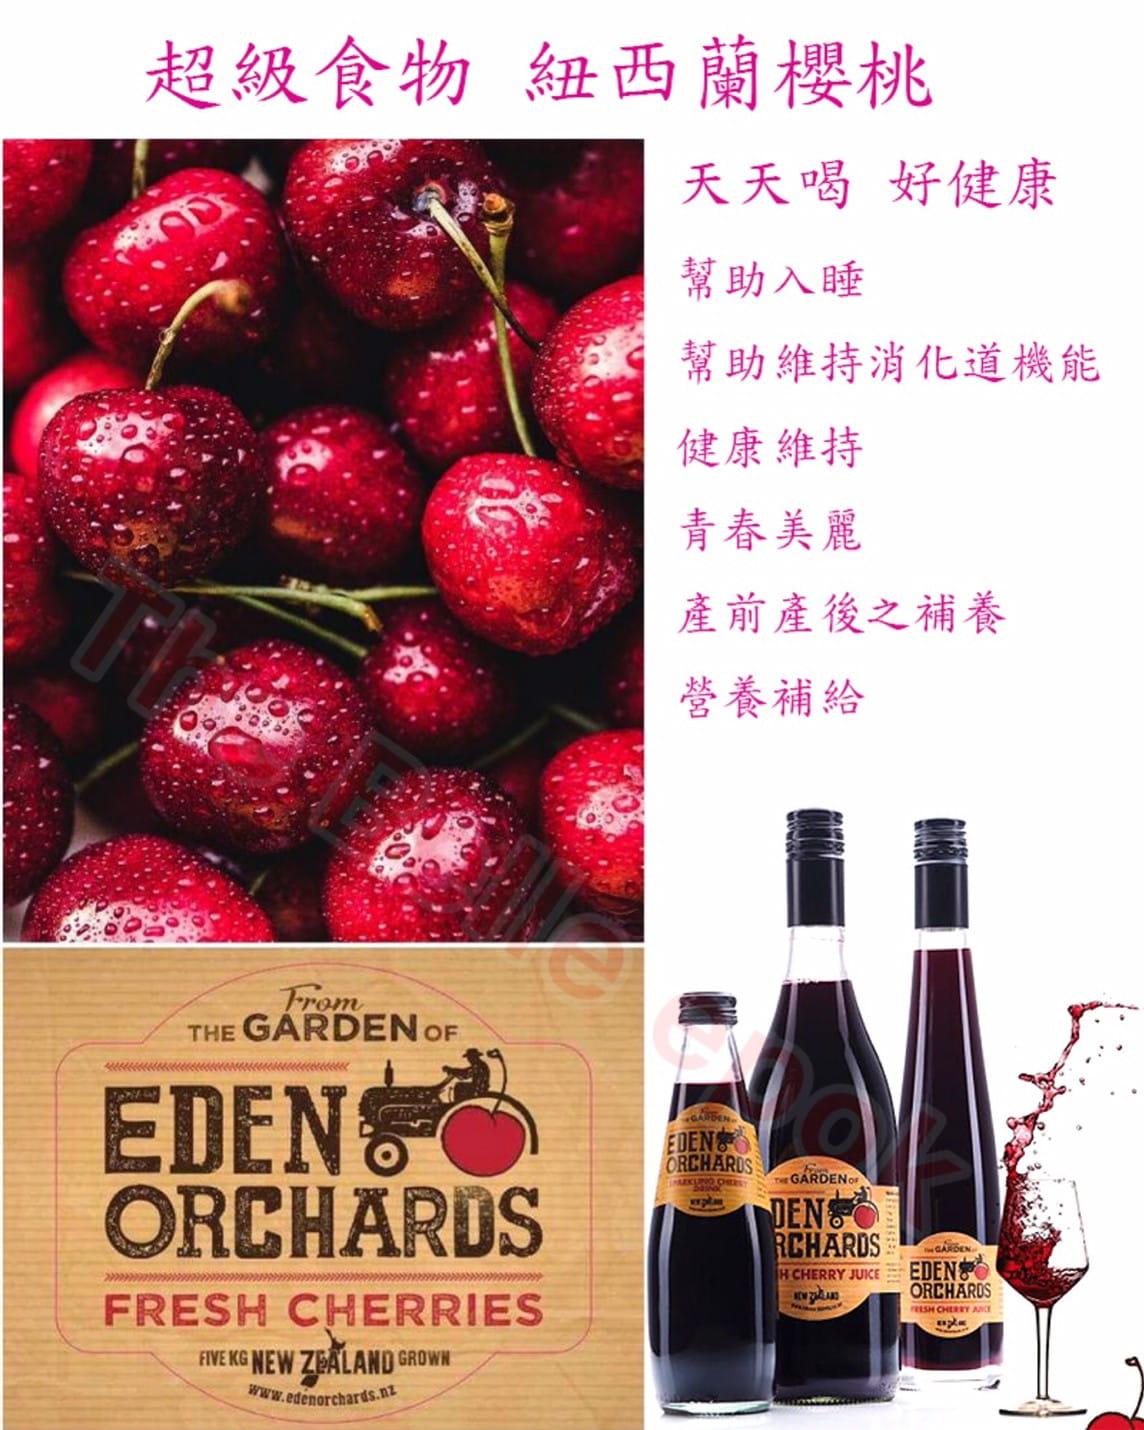 紐西蘭進口-伊甸莊園100%櫻桃汁,100%藍莓汁,綜合果汁 果汁飲料運動補給 夏天 養顏美容 2